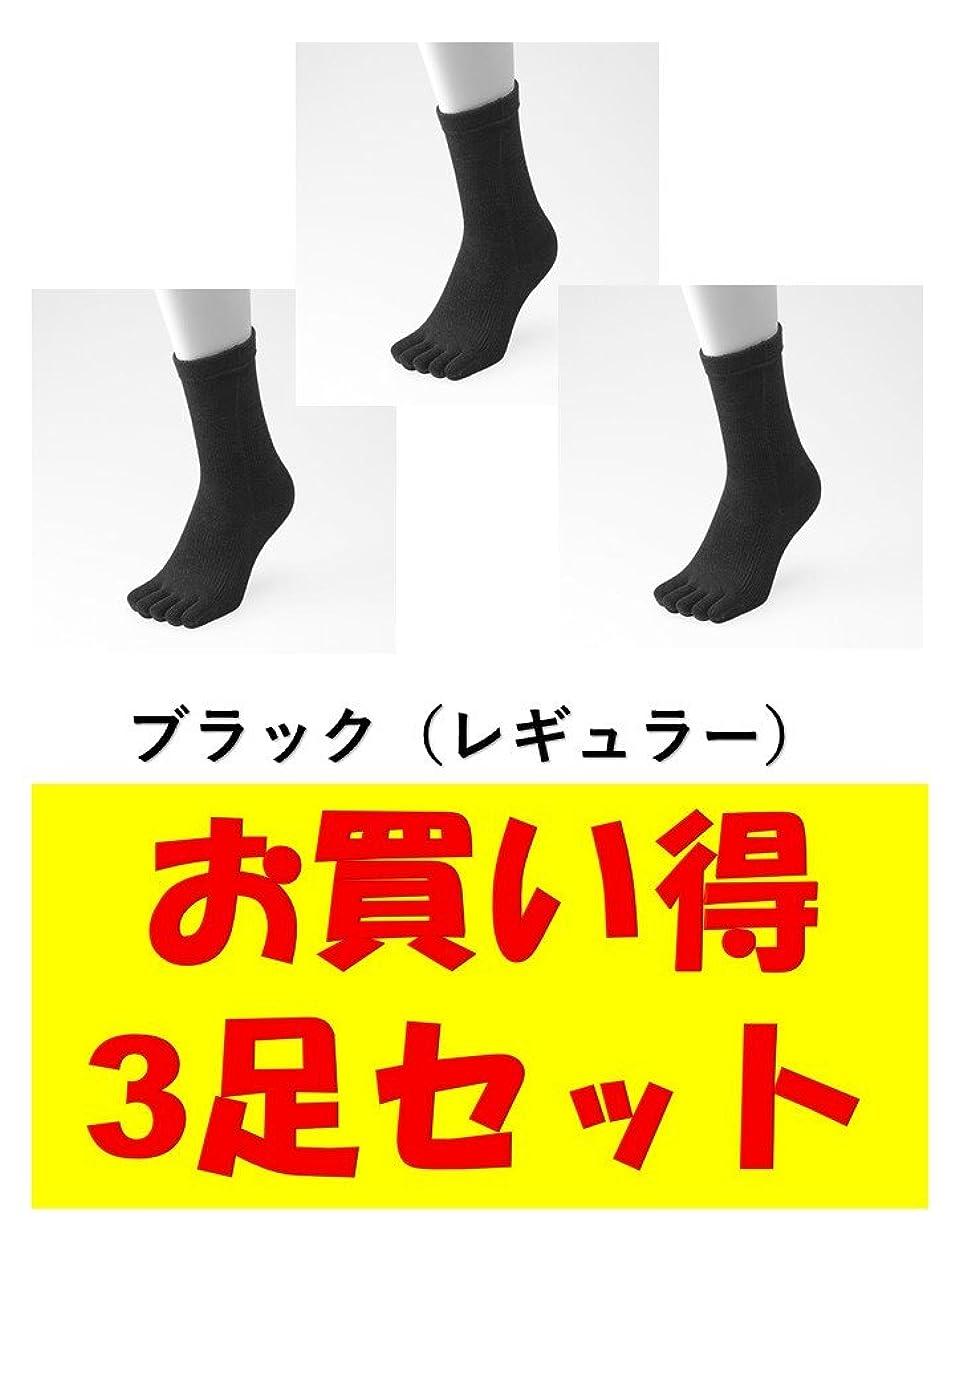 困惑使役警察署お買い得3足セット 5本指 ゆびのばソックス ゆびのばレギュラー ブラック 男性用 25.5cm-28.0cm HSREGR-BLK